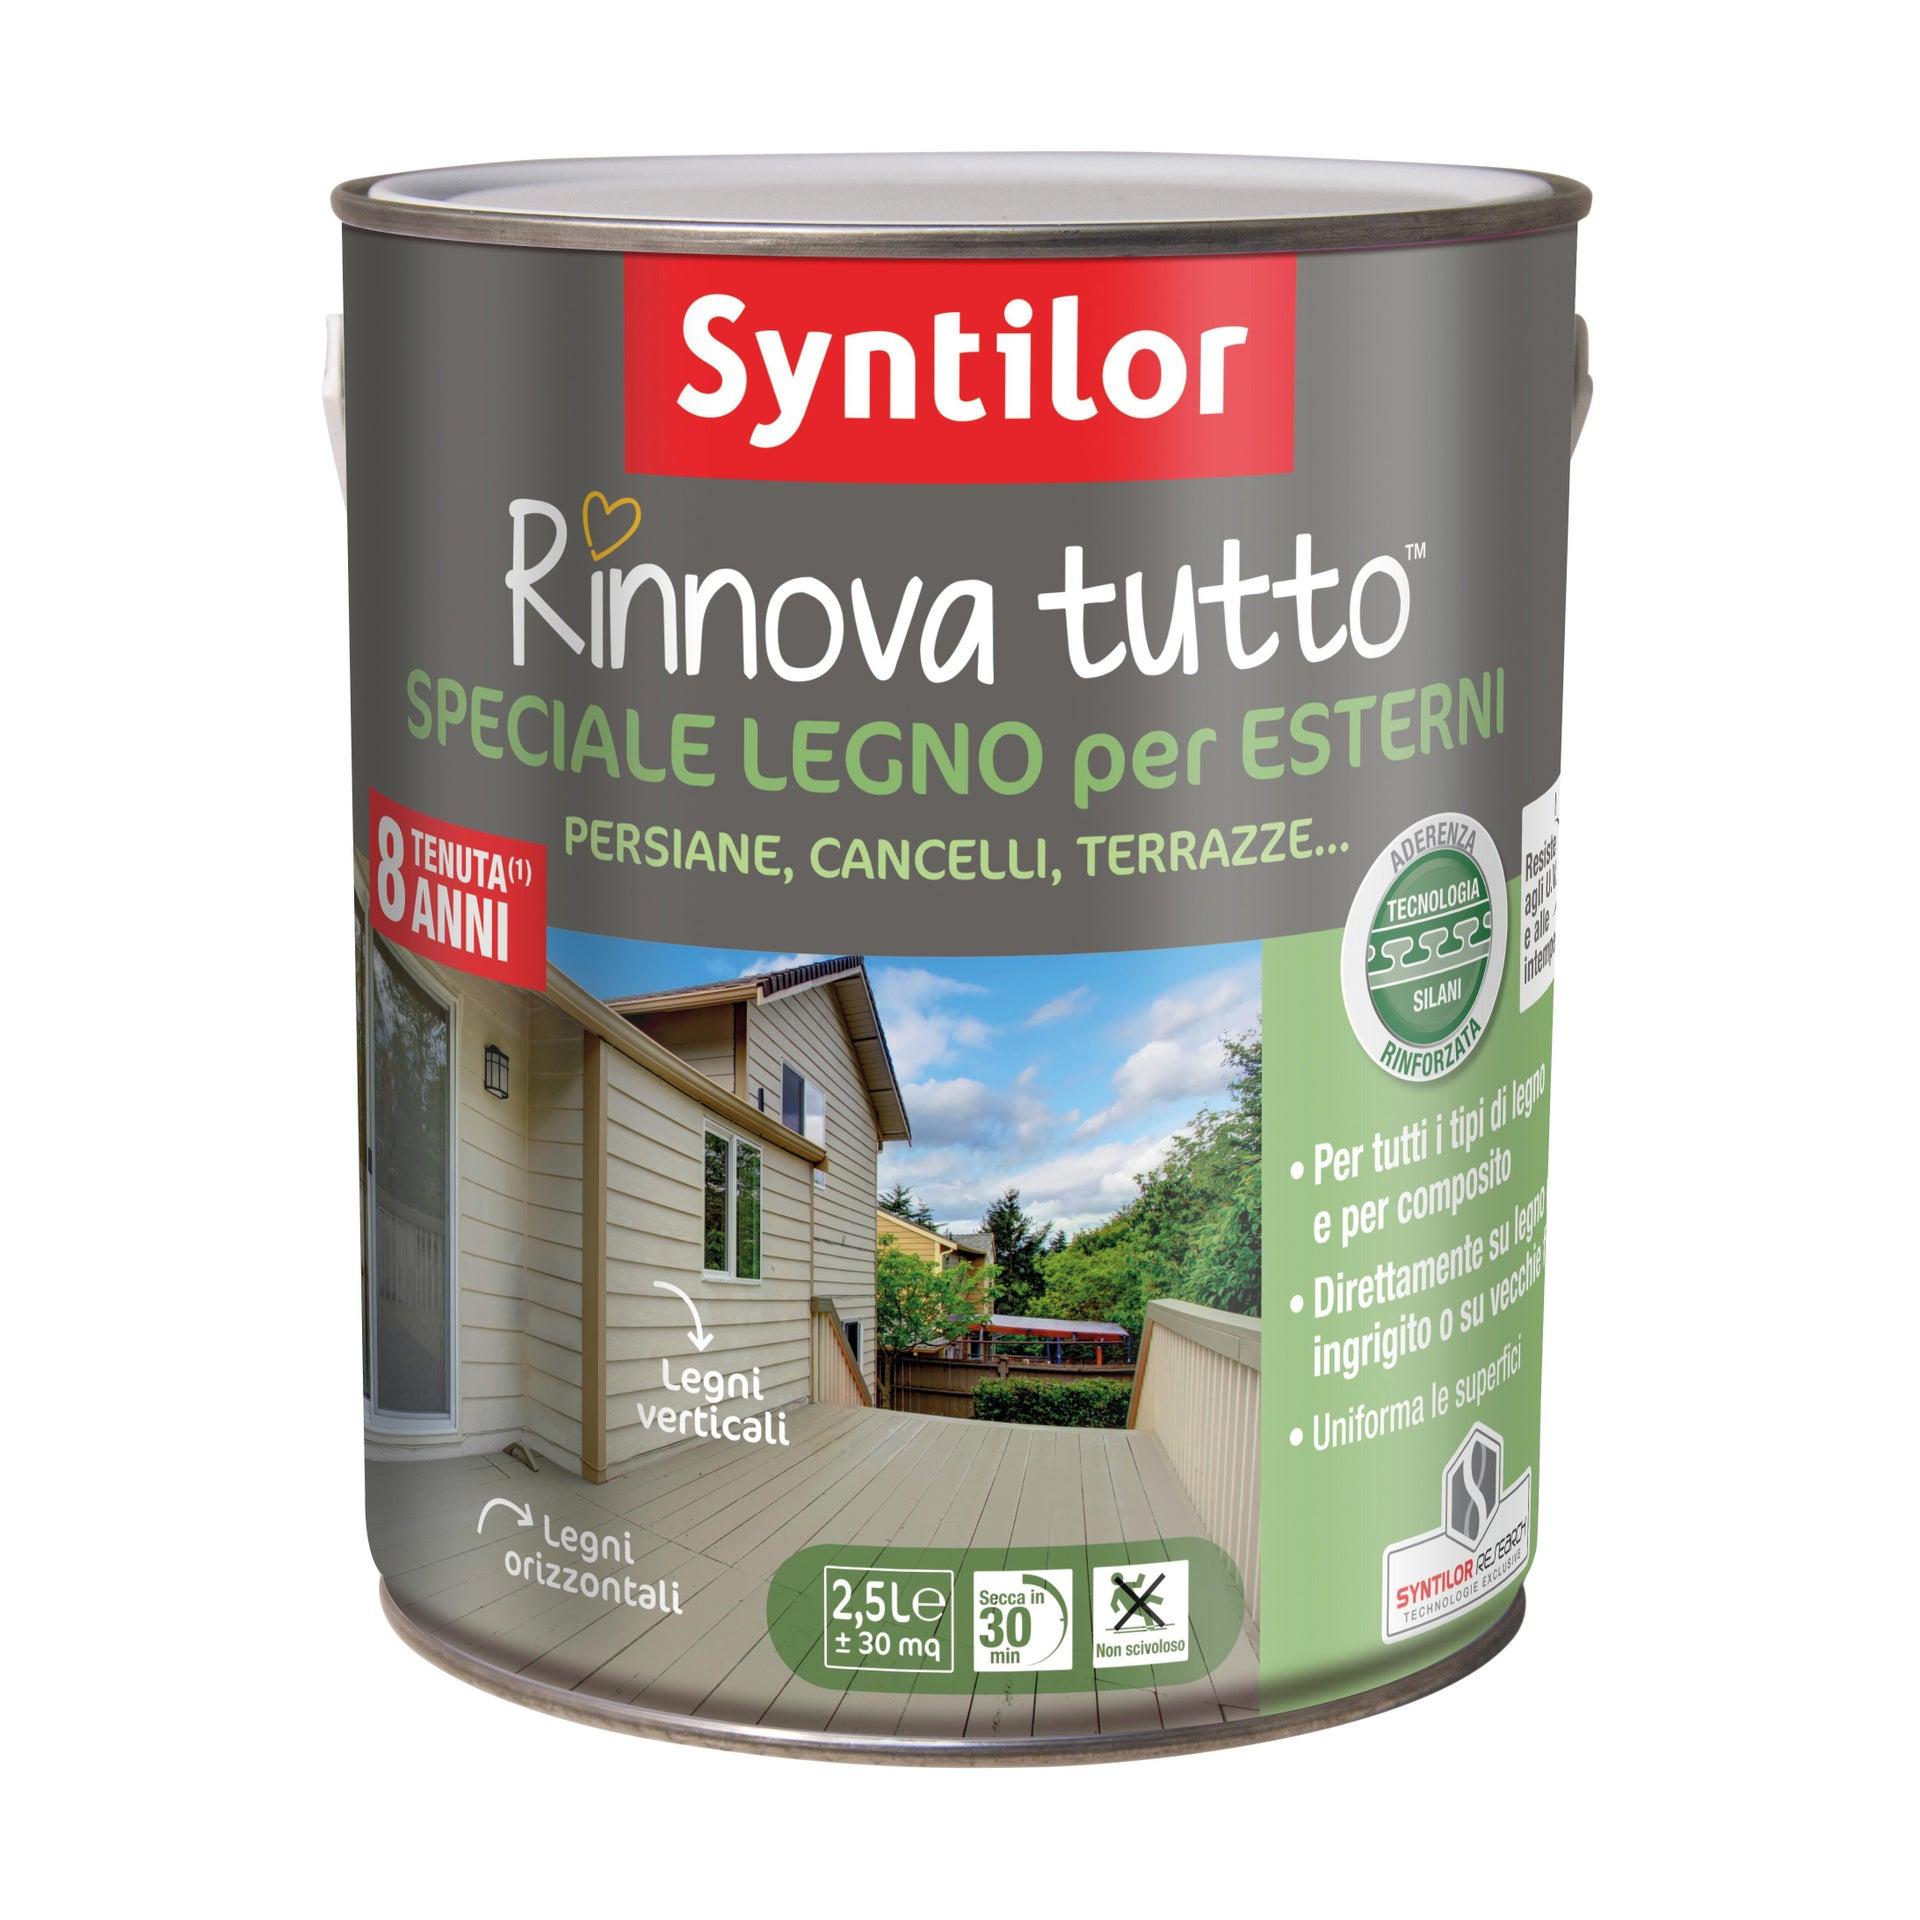 Smalto per legno da esterno base acqua SYNTILOR Rinnova Tutto grigio antracite 2.5 L - 2